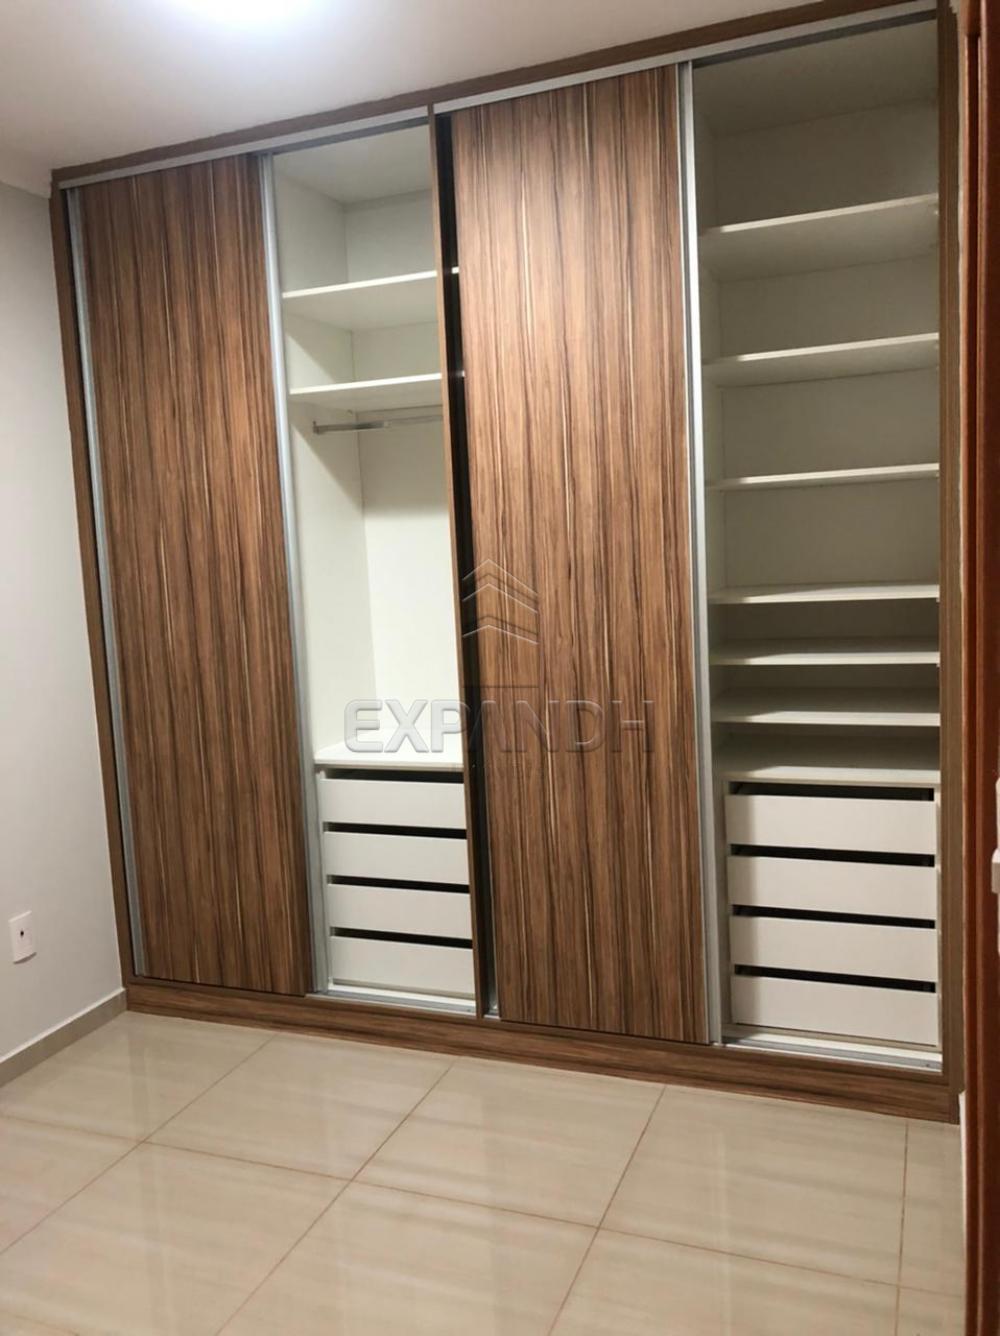 Alugar Apartamentos / Padrão em Sertãozinho apenas R$ 1.250,00 - Foto 16